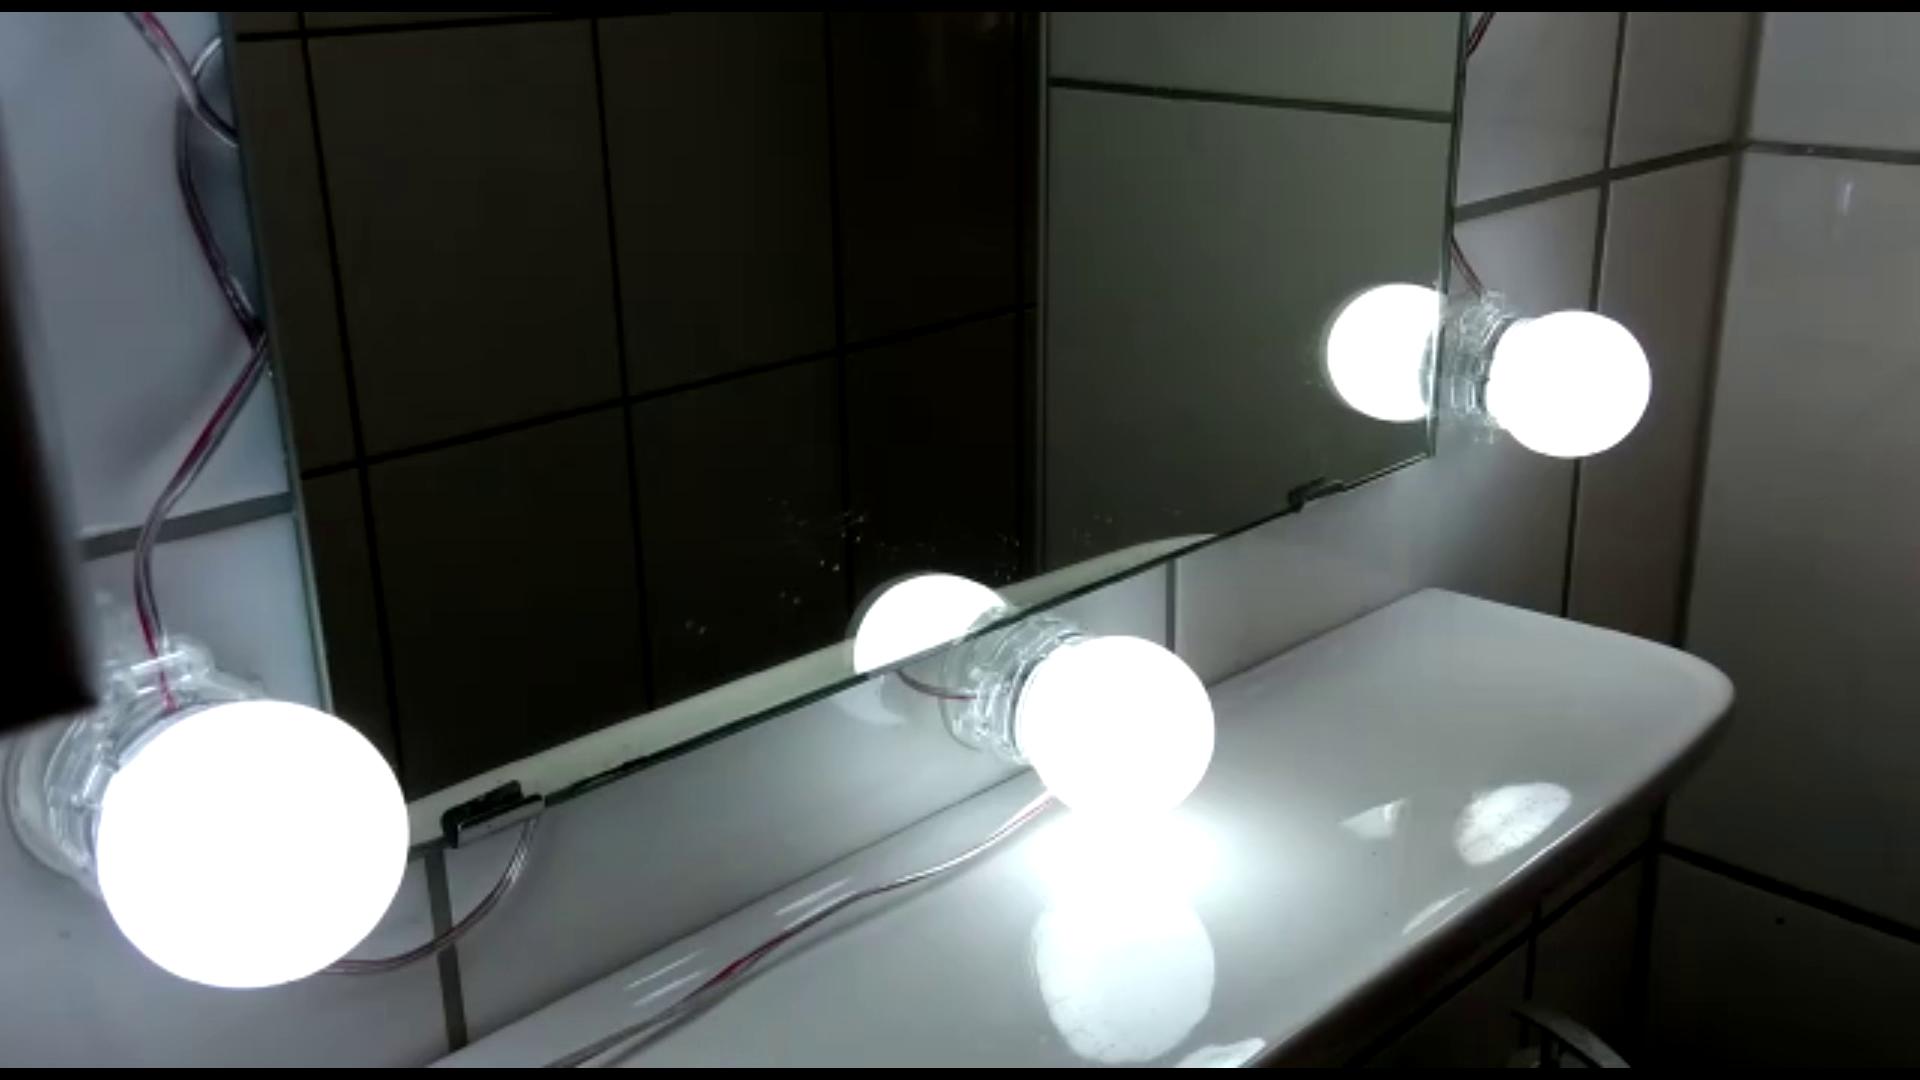 Fantastisch Installieren Können Lichter Ideen - Der Schaltplan ...